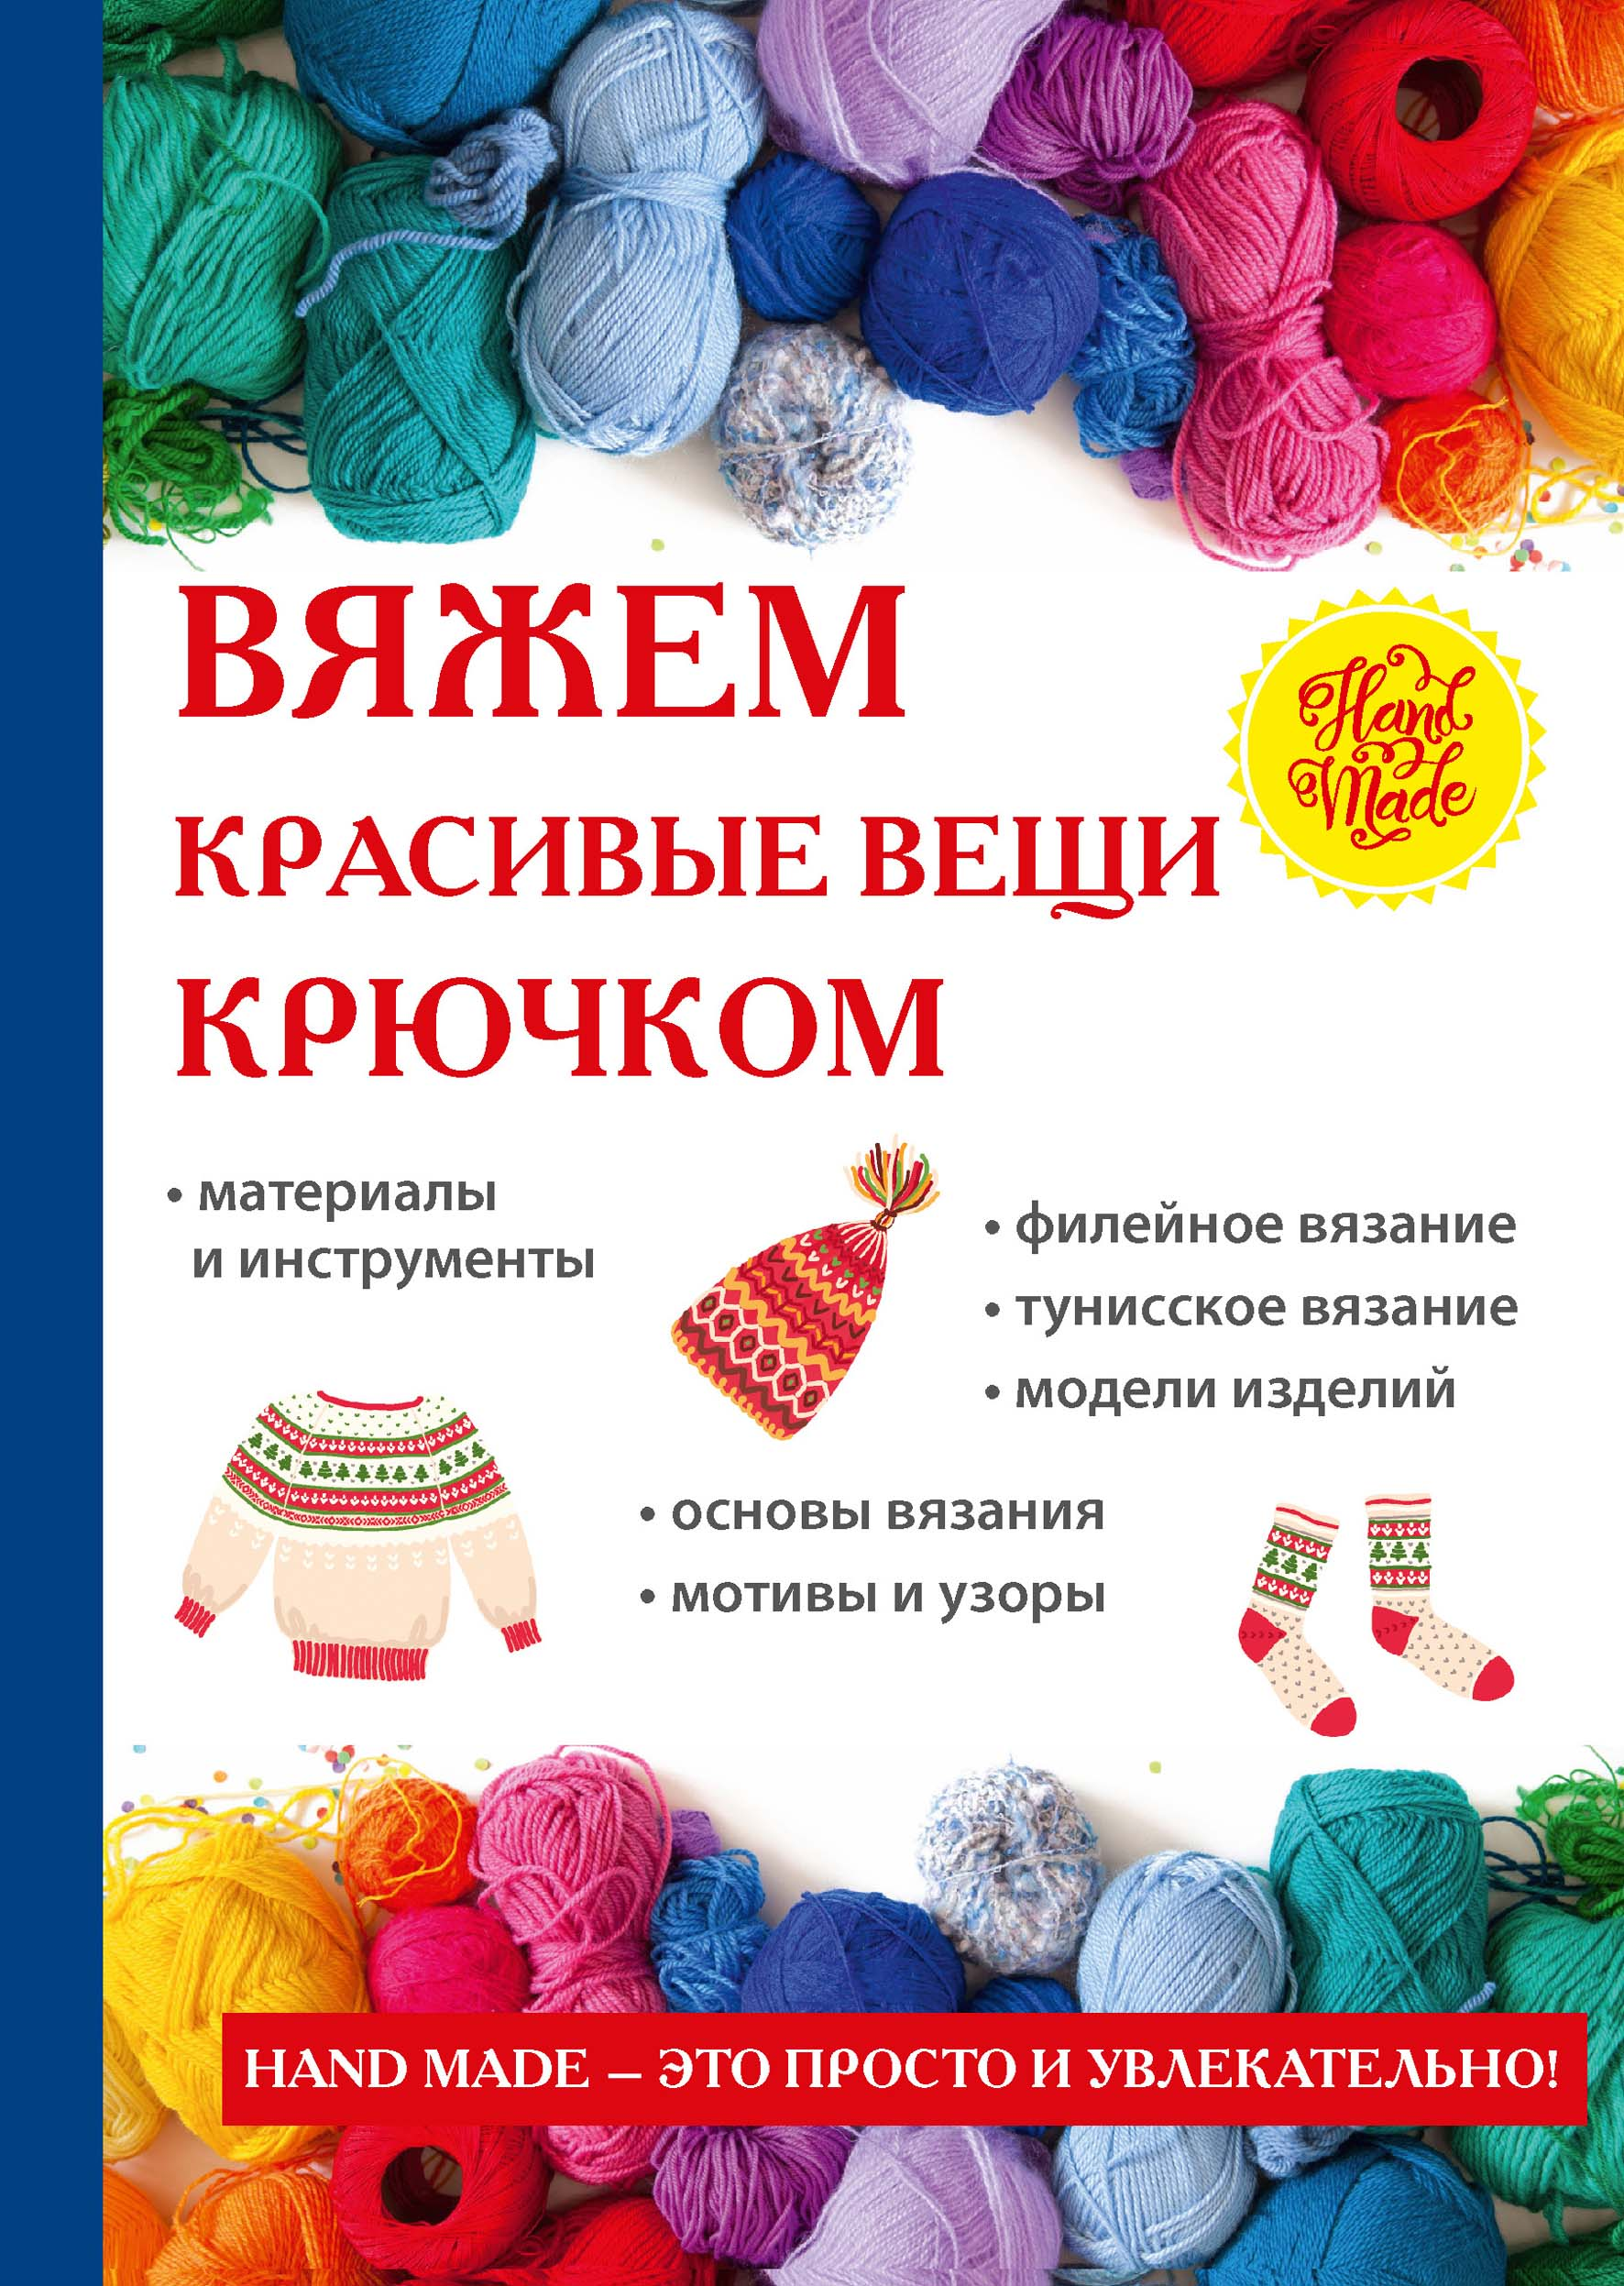 Zakazat.ru: Вяжем красивые вещи крючком